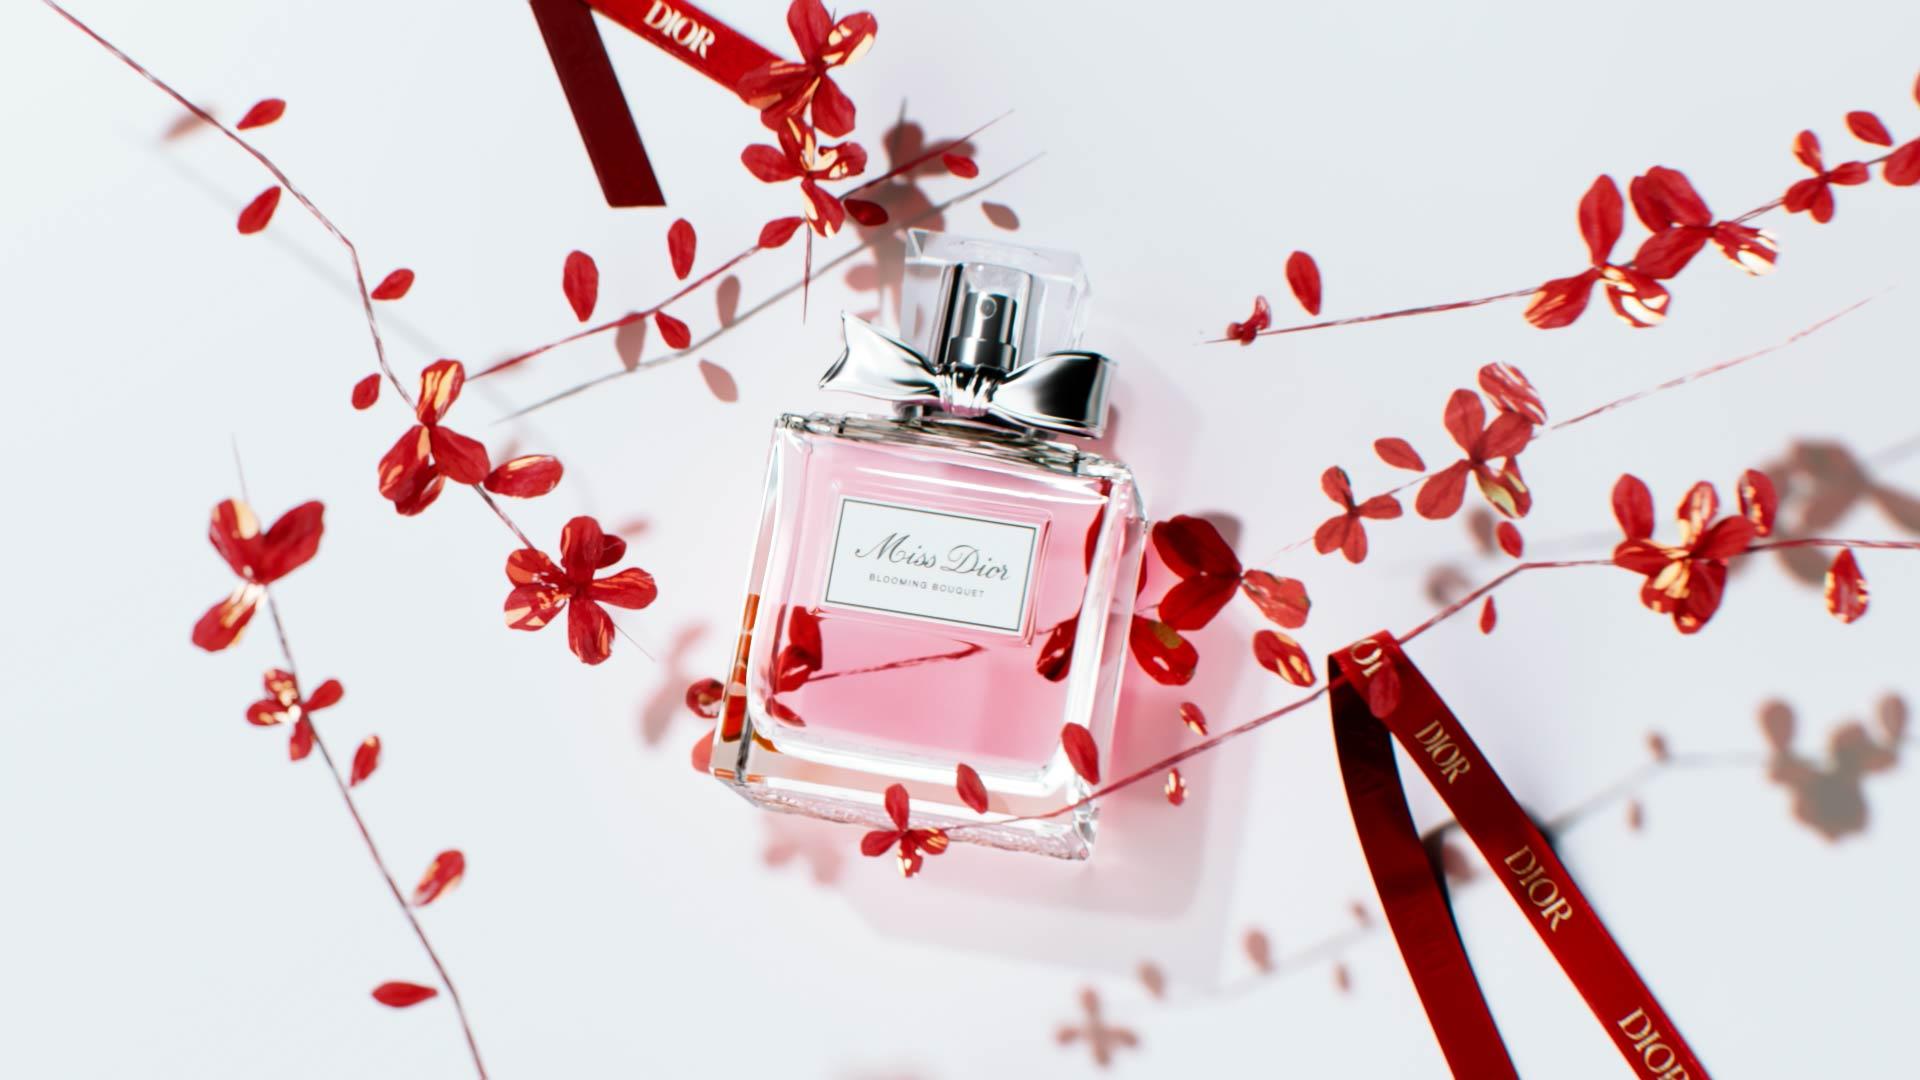 Visuel 3D du Nouvel An chinois pour Miss Dior avec fleurs et rubans rouges